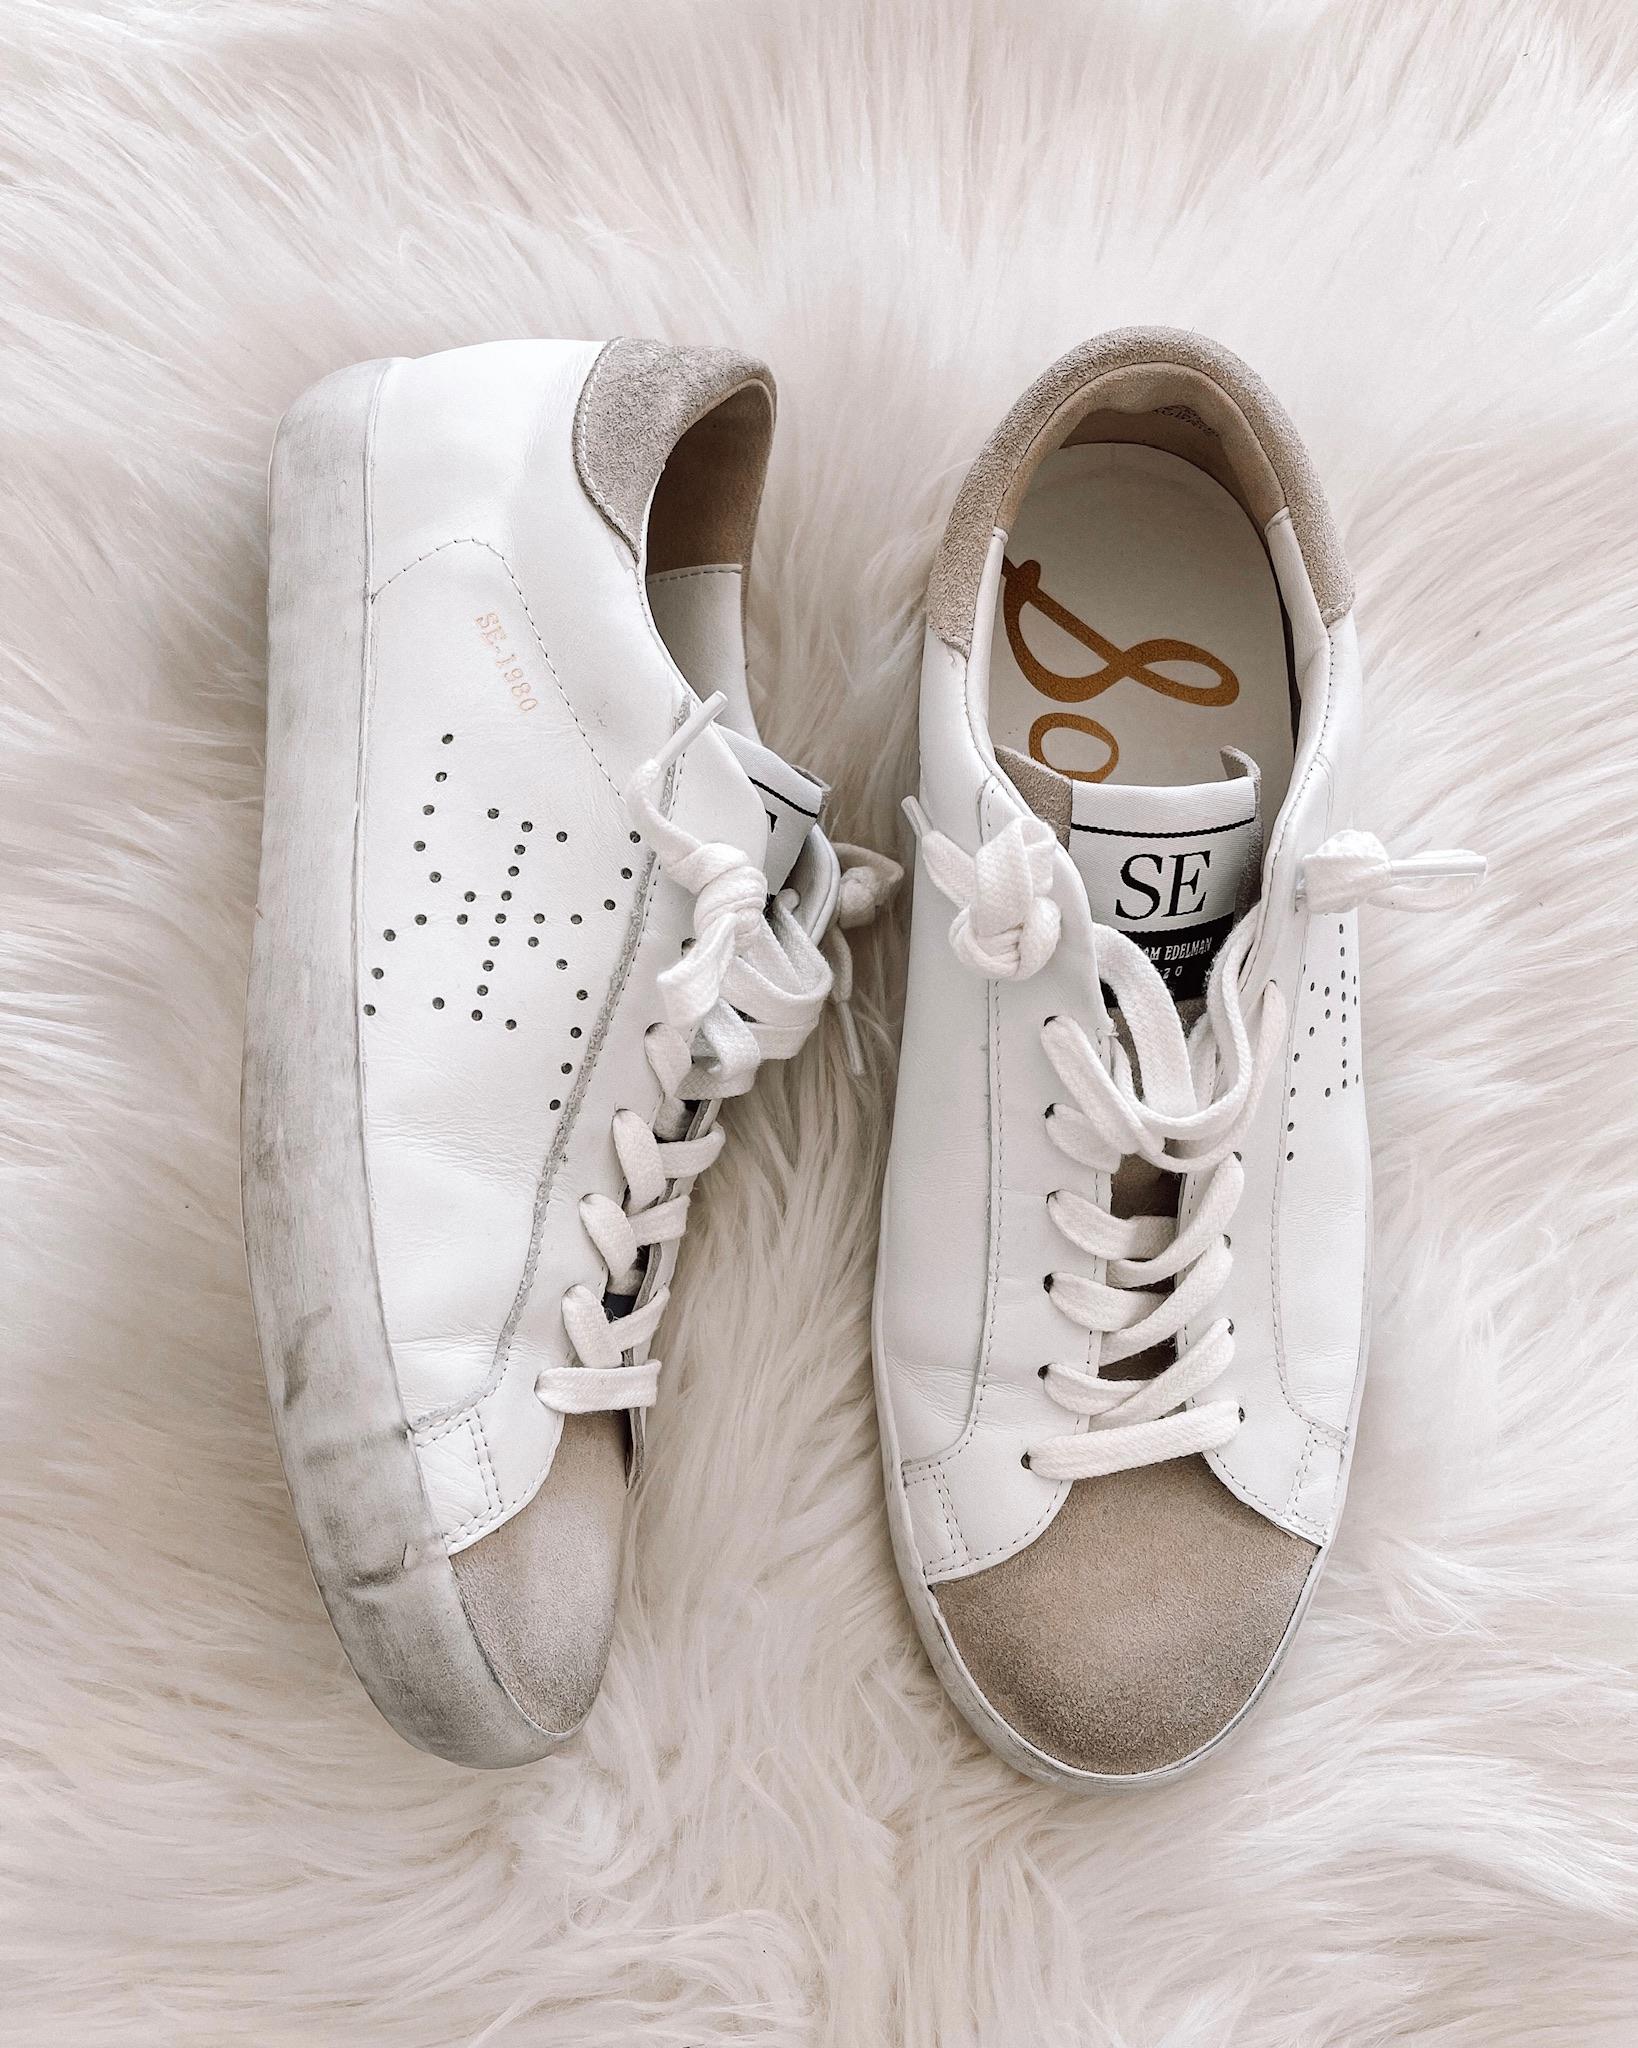 Fashion Jackson Sam Edelaman Aubrie White Sneakers